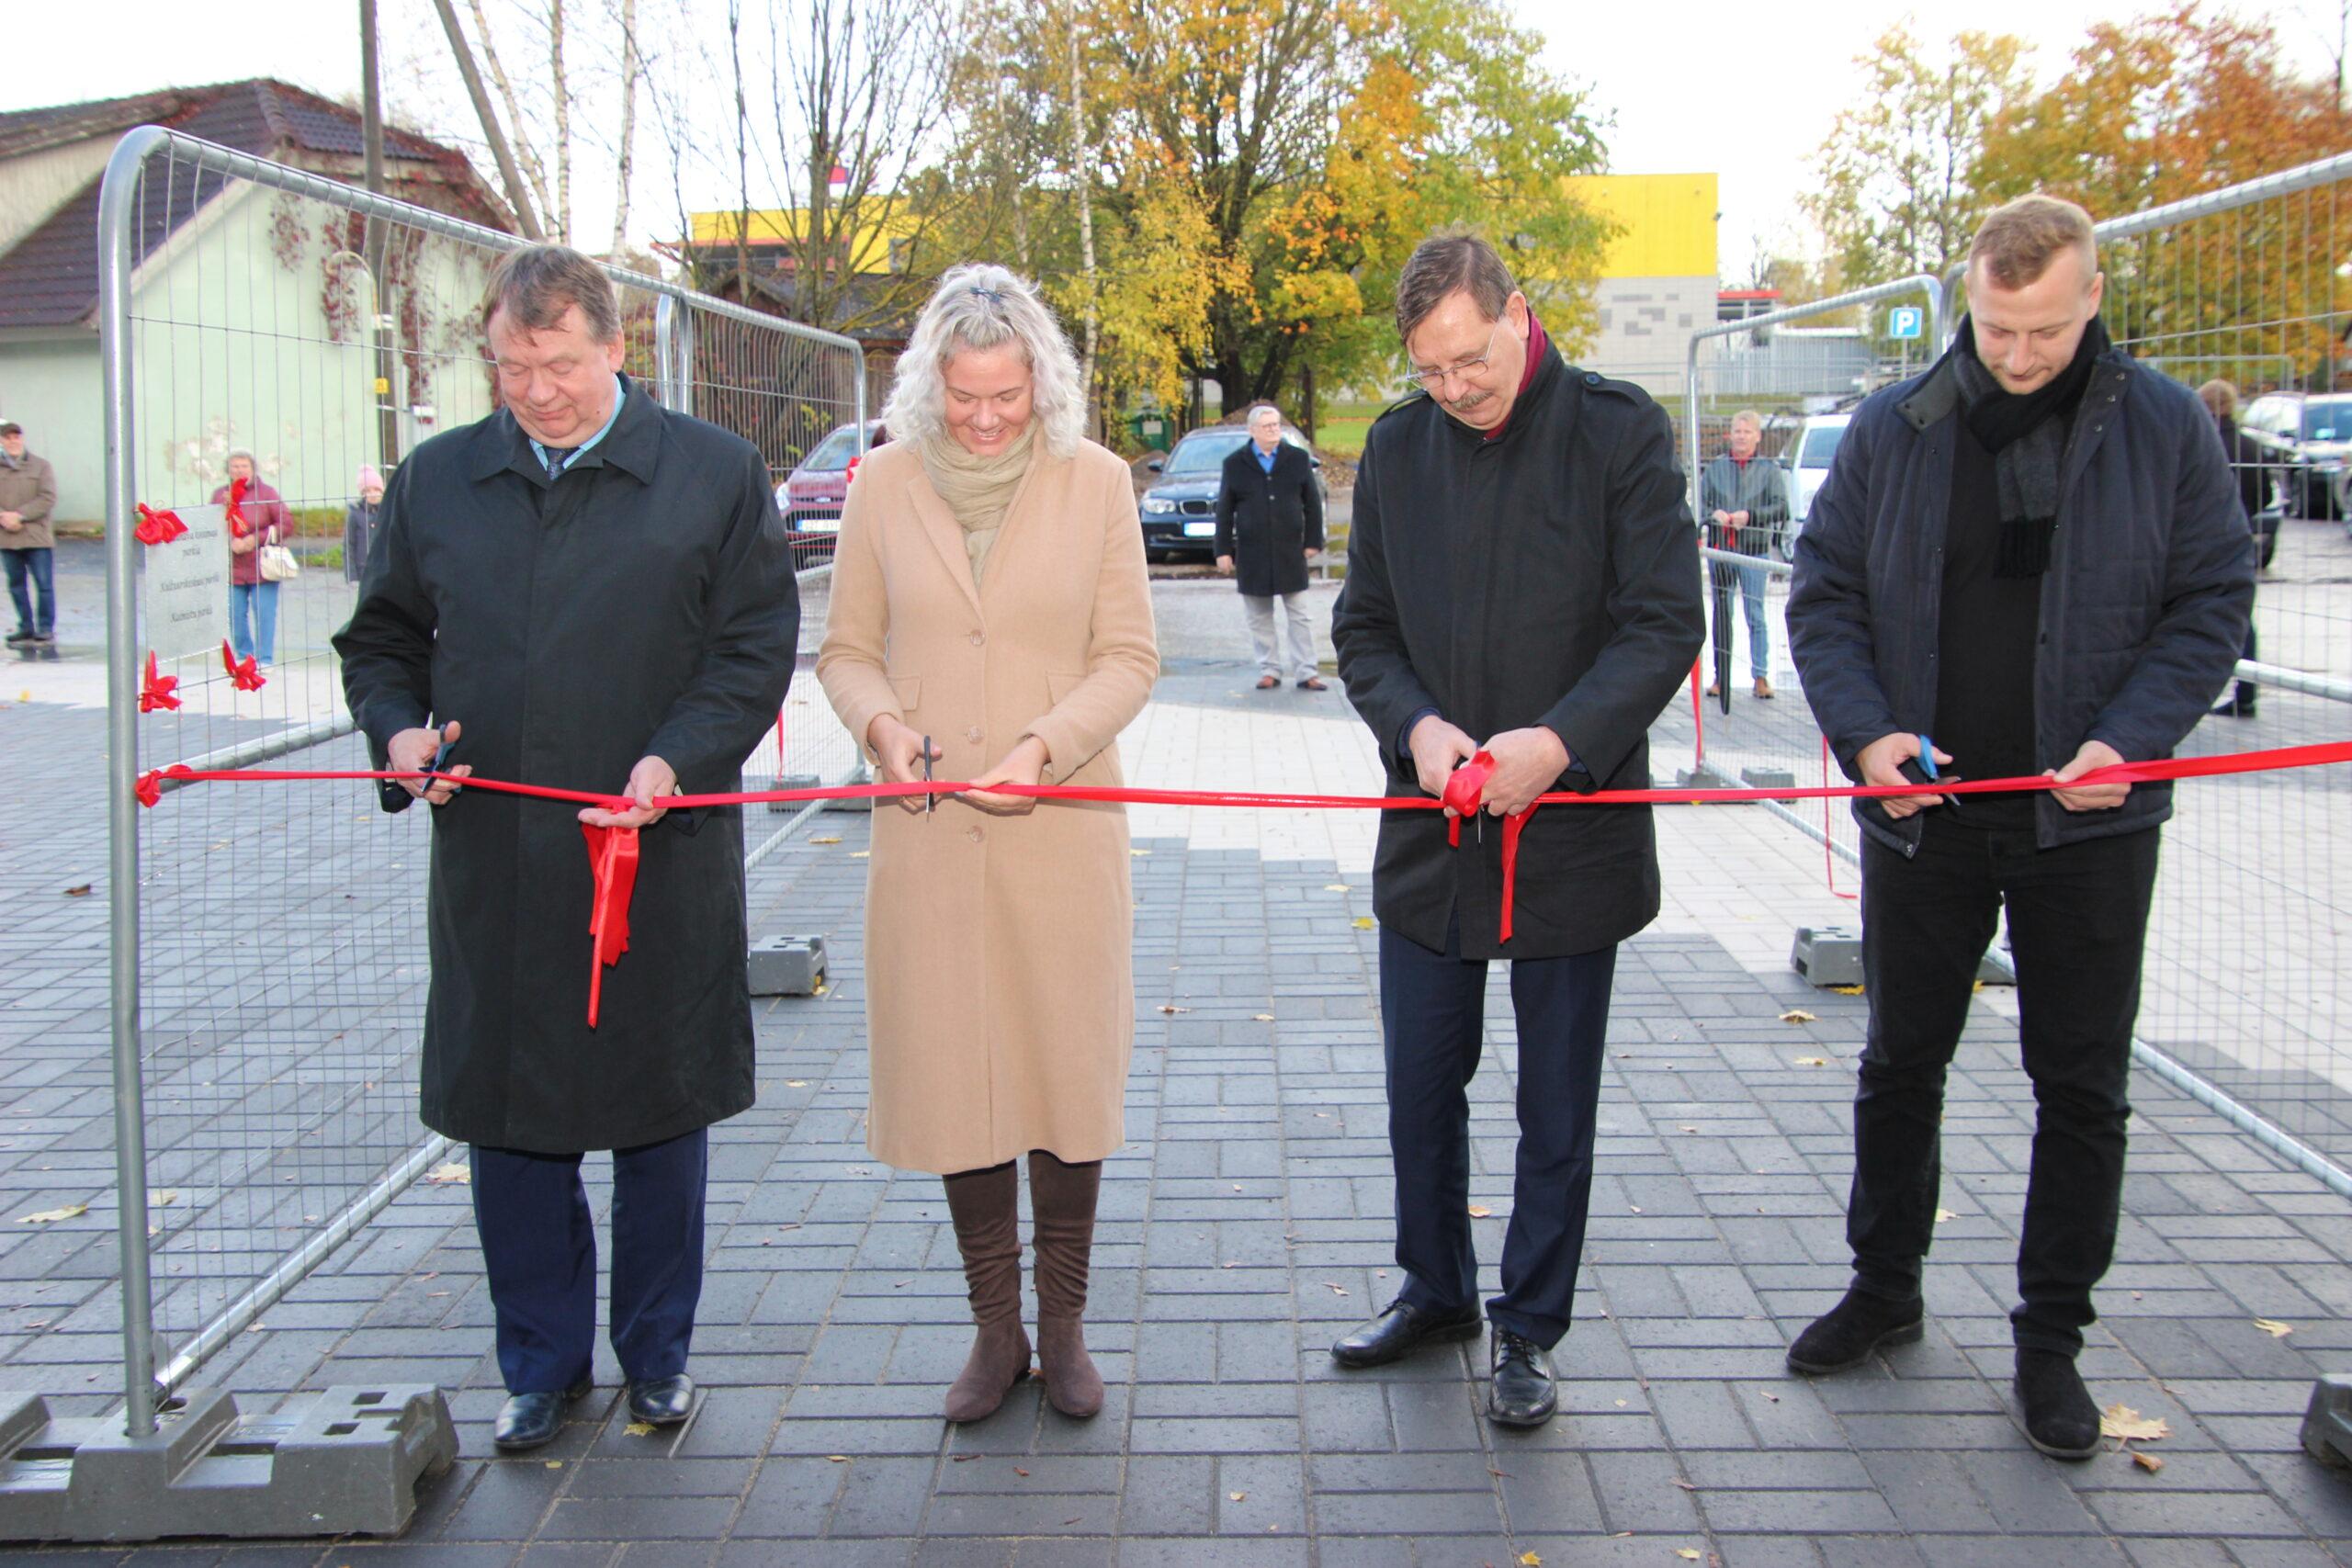 Lindi lõikavad läbi Andres Vään, Janne Karu, Taavi Aas ja Kivipartner OÜ esindaja Ranno Kaju. Foto Raimo Metsamärt.